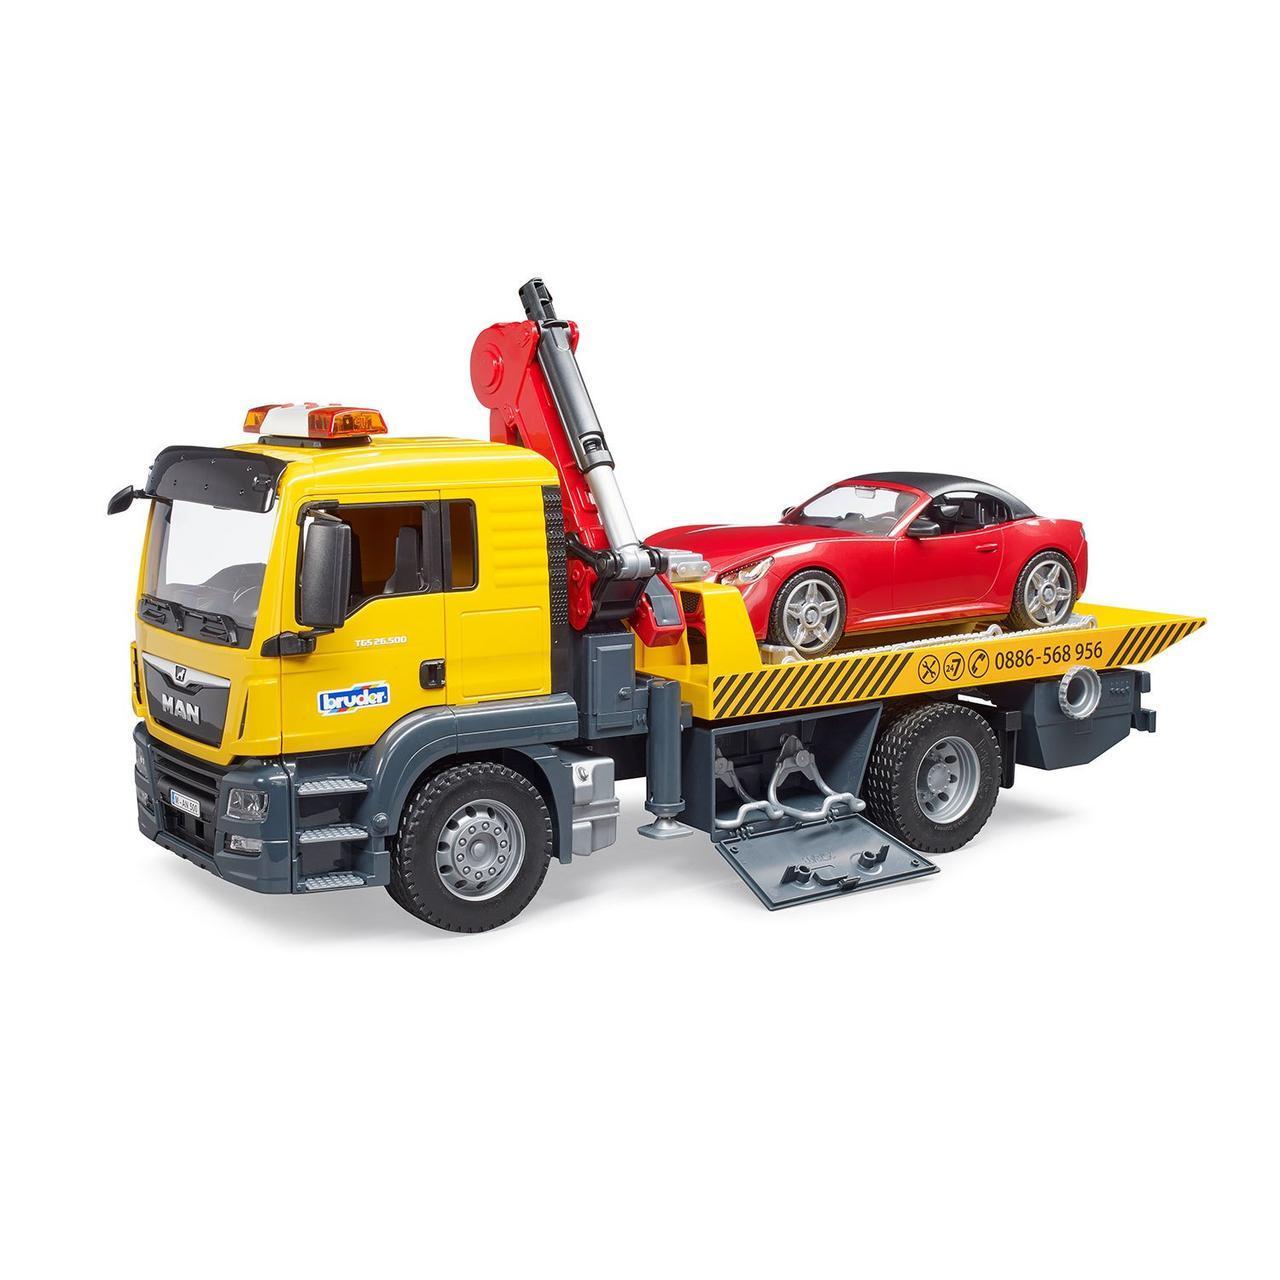 Bruder Игрушечный Эвакуатор Mercedes-Benz с мини погрузчиком (Брудер Самосвал 03-750)